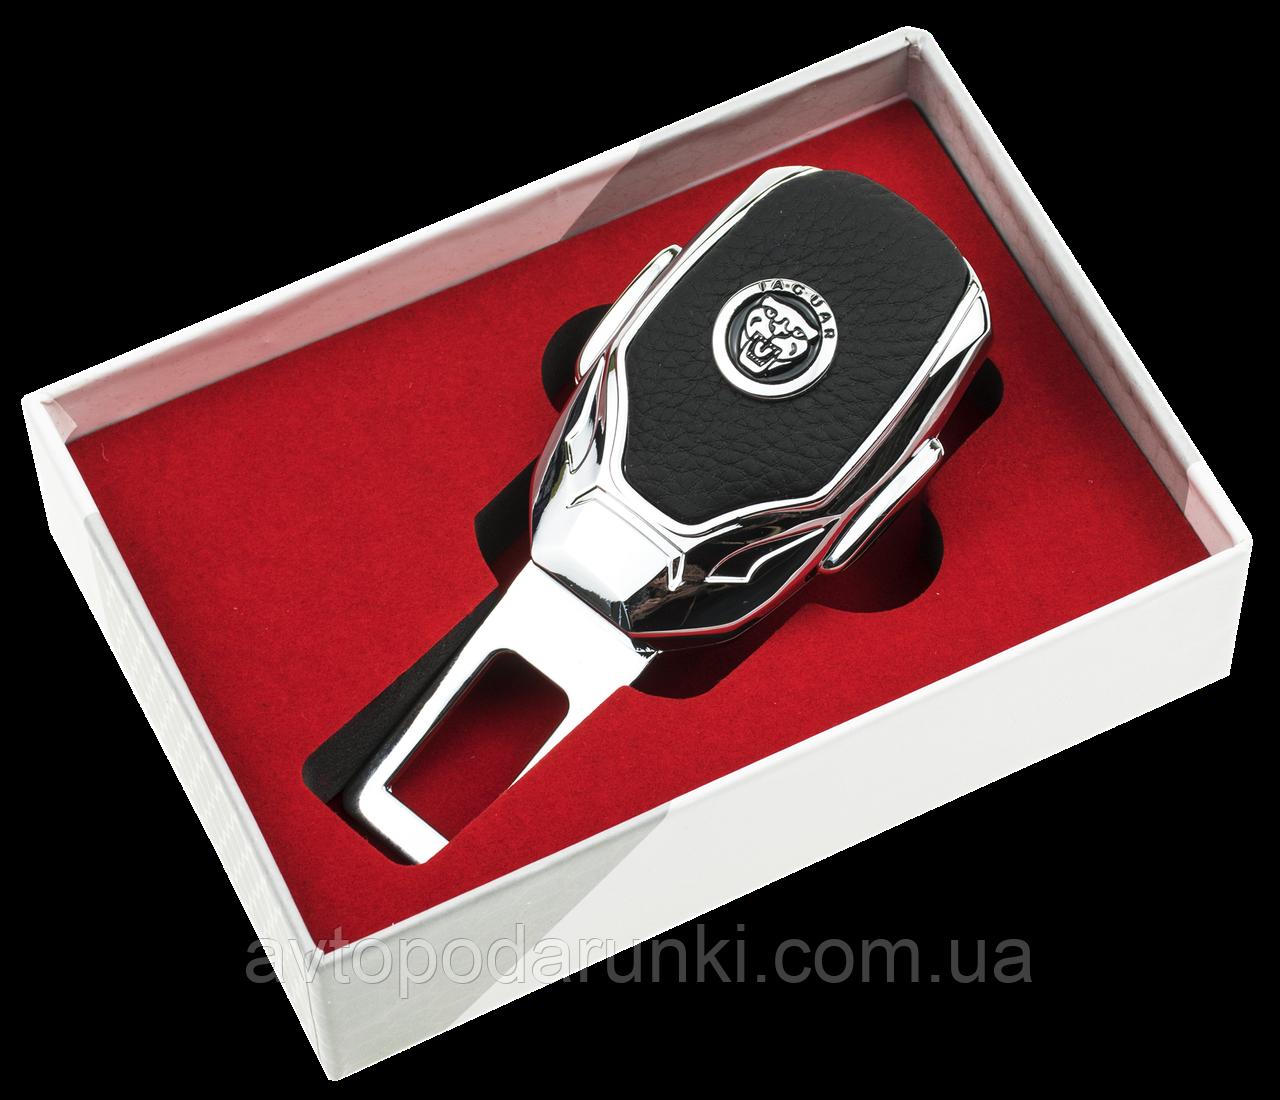 Заглушка - переходник ремня безопасности  с логотипом JAGUAR VIP КЛАССА (Авиационная сталь, кожа)